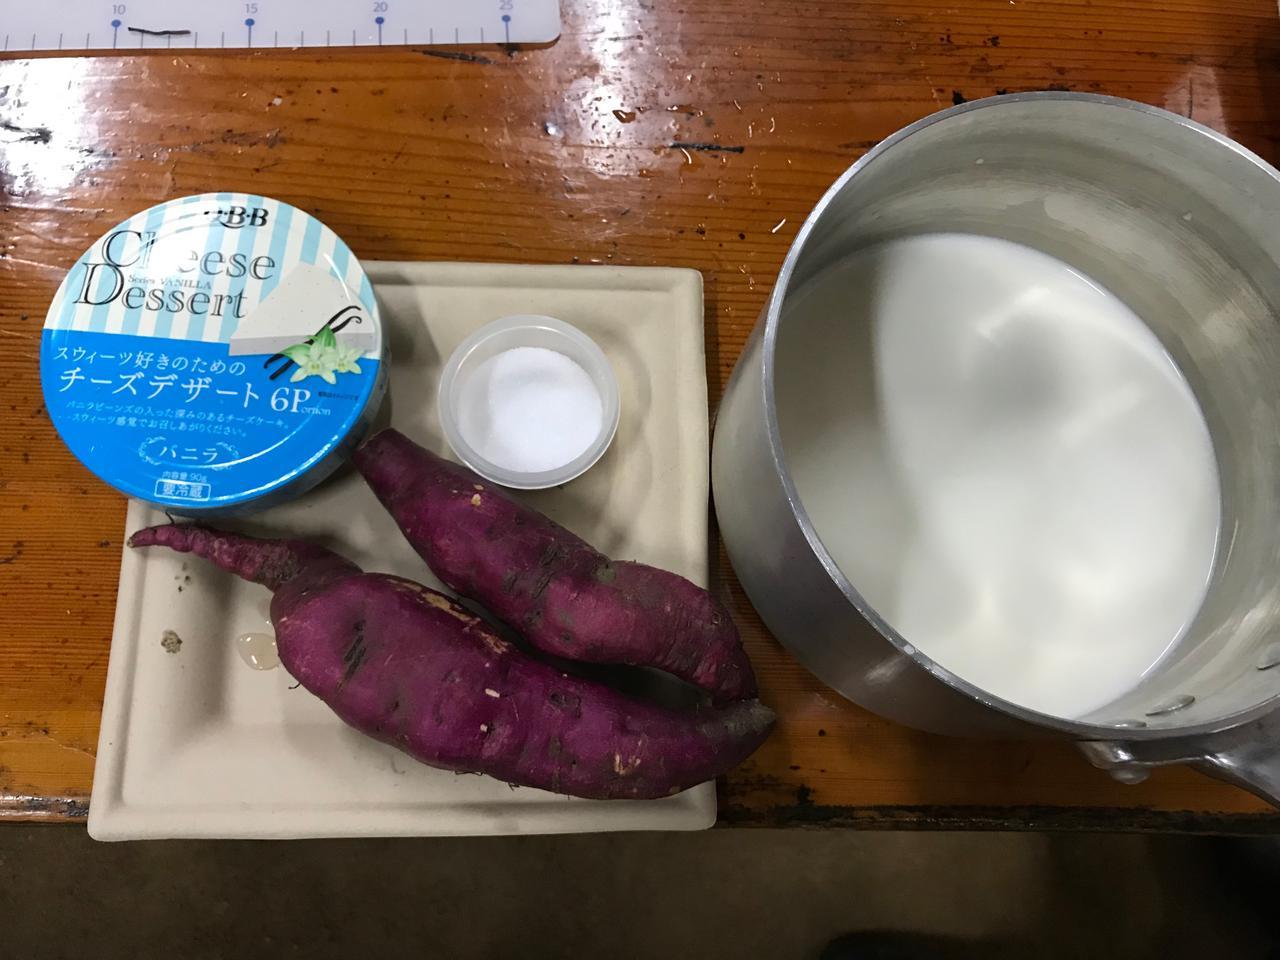 画像1: トロトロサツマイモチーズのクレームブリュレ